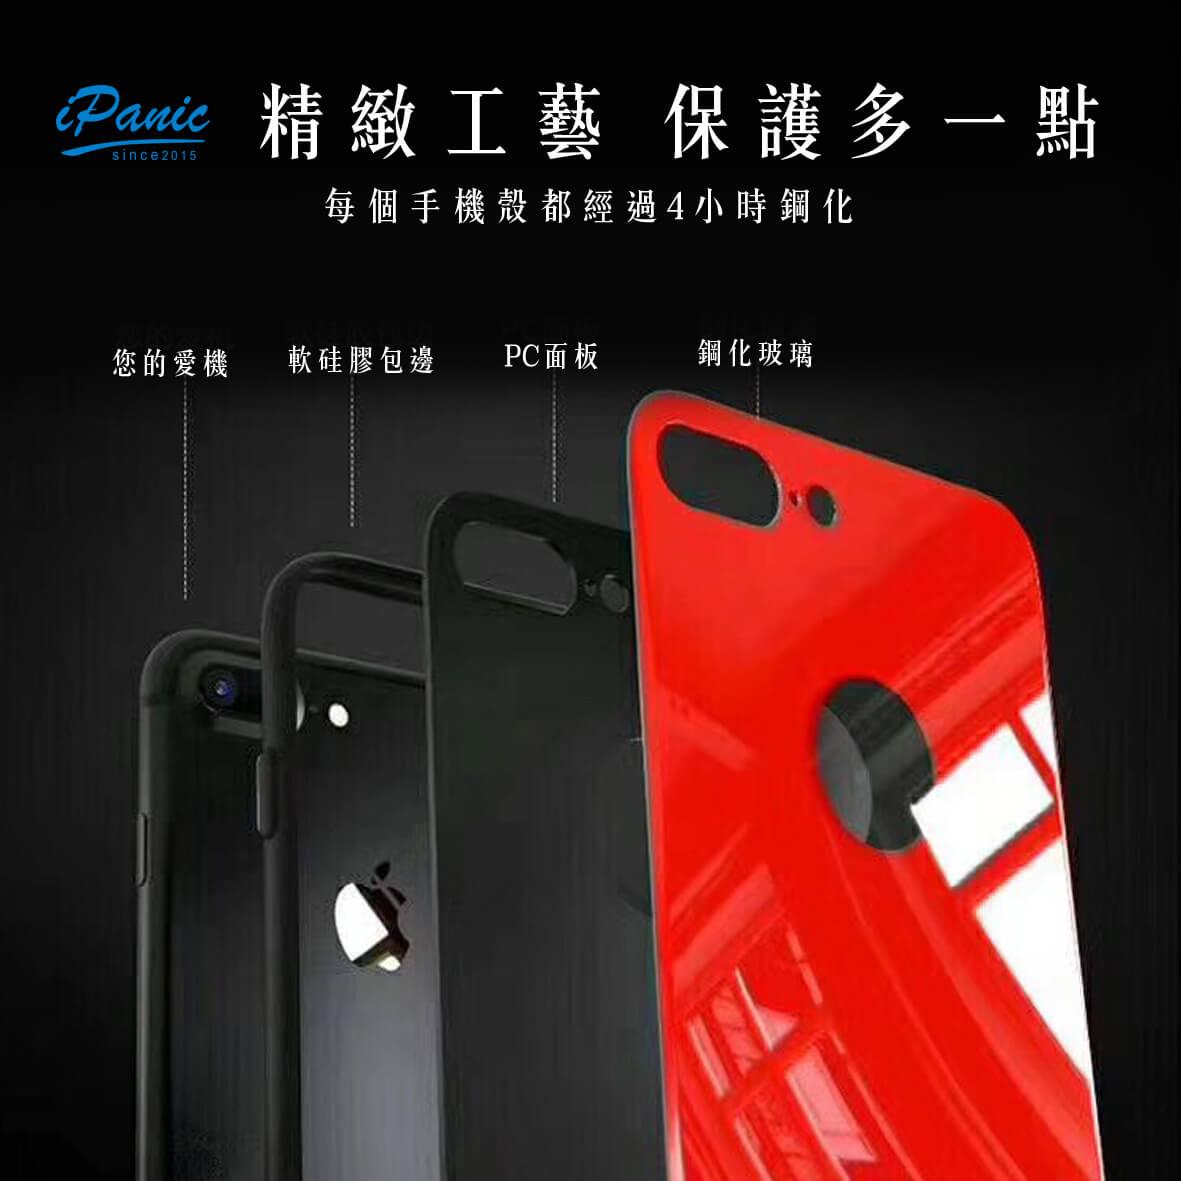 iPhone 玻璃手機殼 多彩系列 手機殼 IPHONEX IPHONE7 IPHONE6 IPHONE8 iPanic